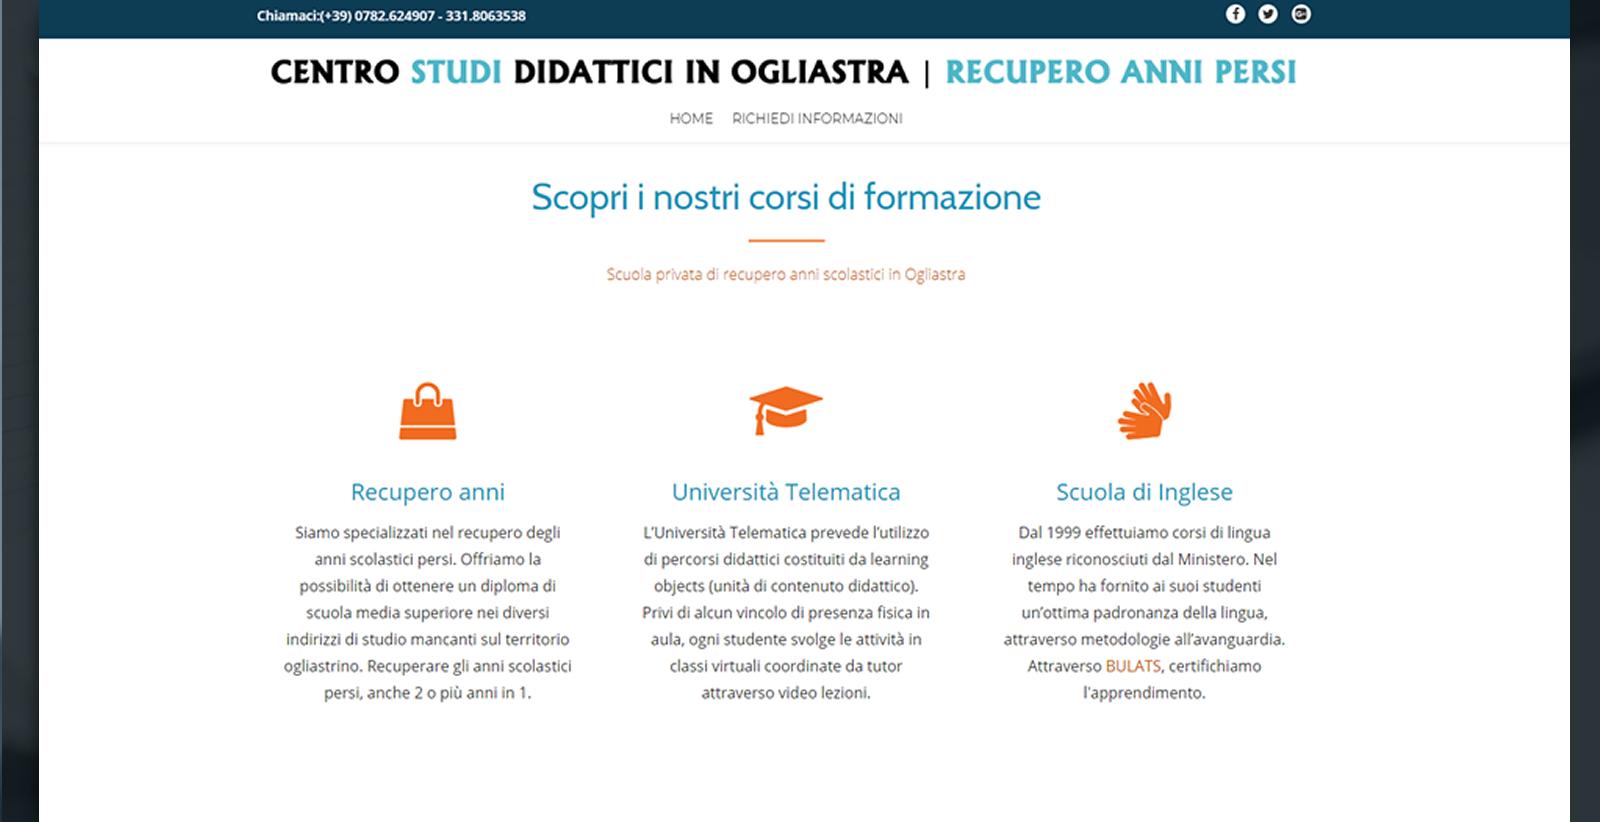 Diploma in Ogliastra | Recupero anni persi